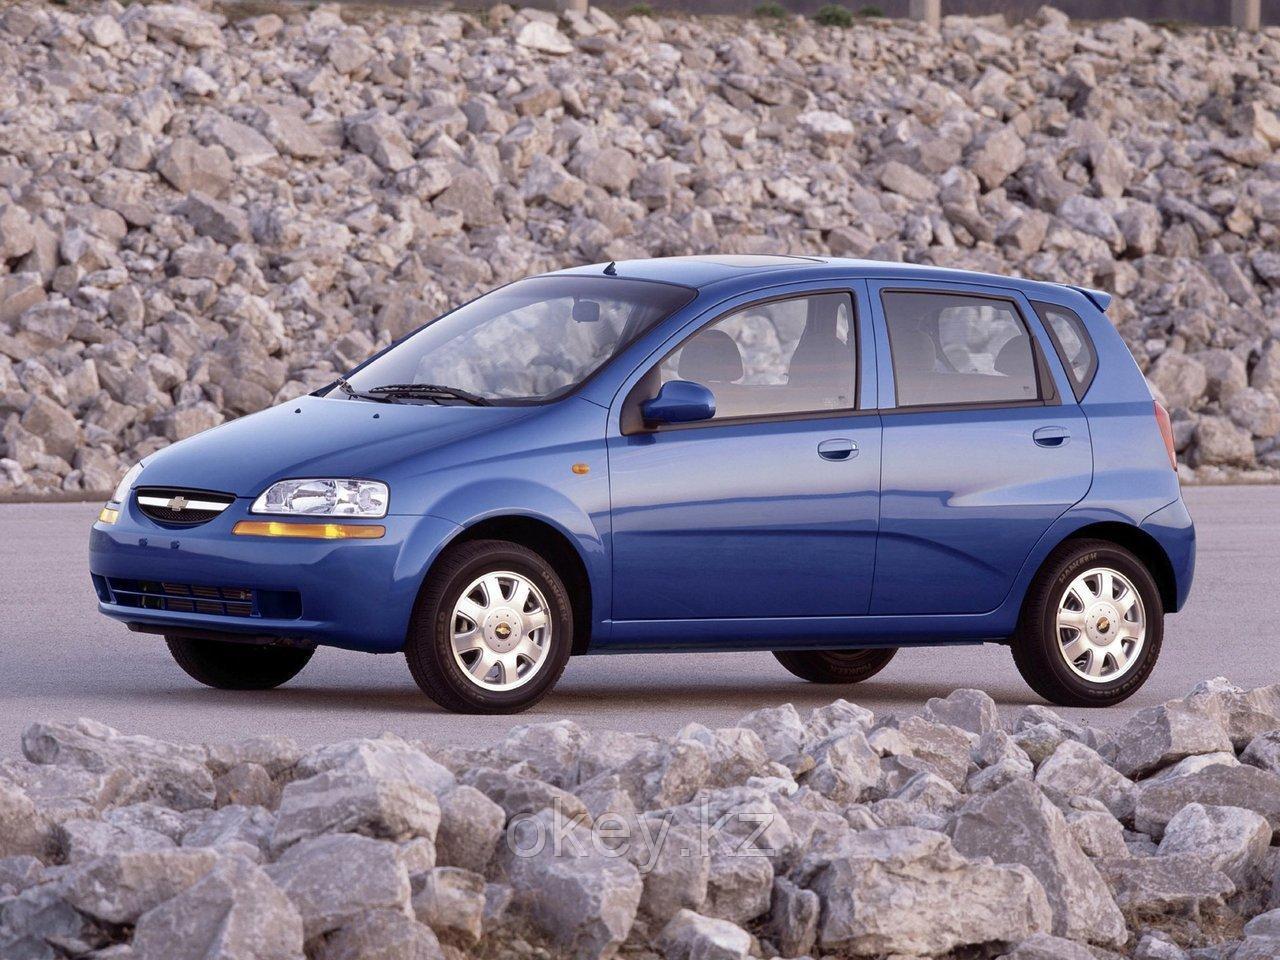 Тормозные колодки Kötl 3330KT для Chevrolet Aveo I хэтчбек (T200) 1.2, 2004-2008 года выпуска.